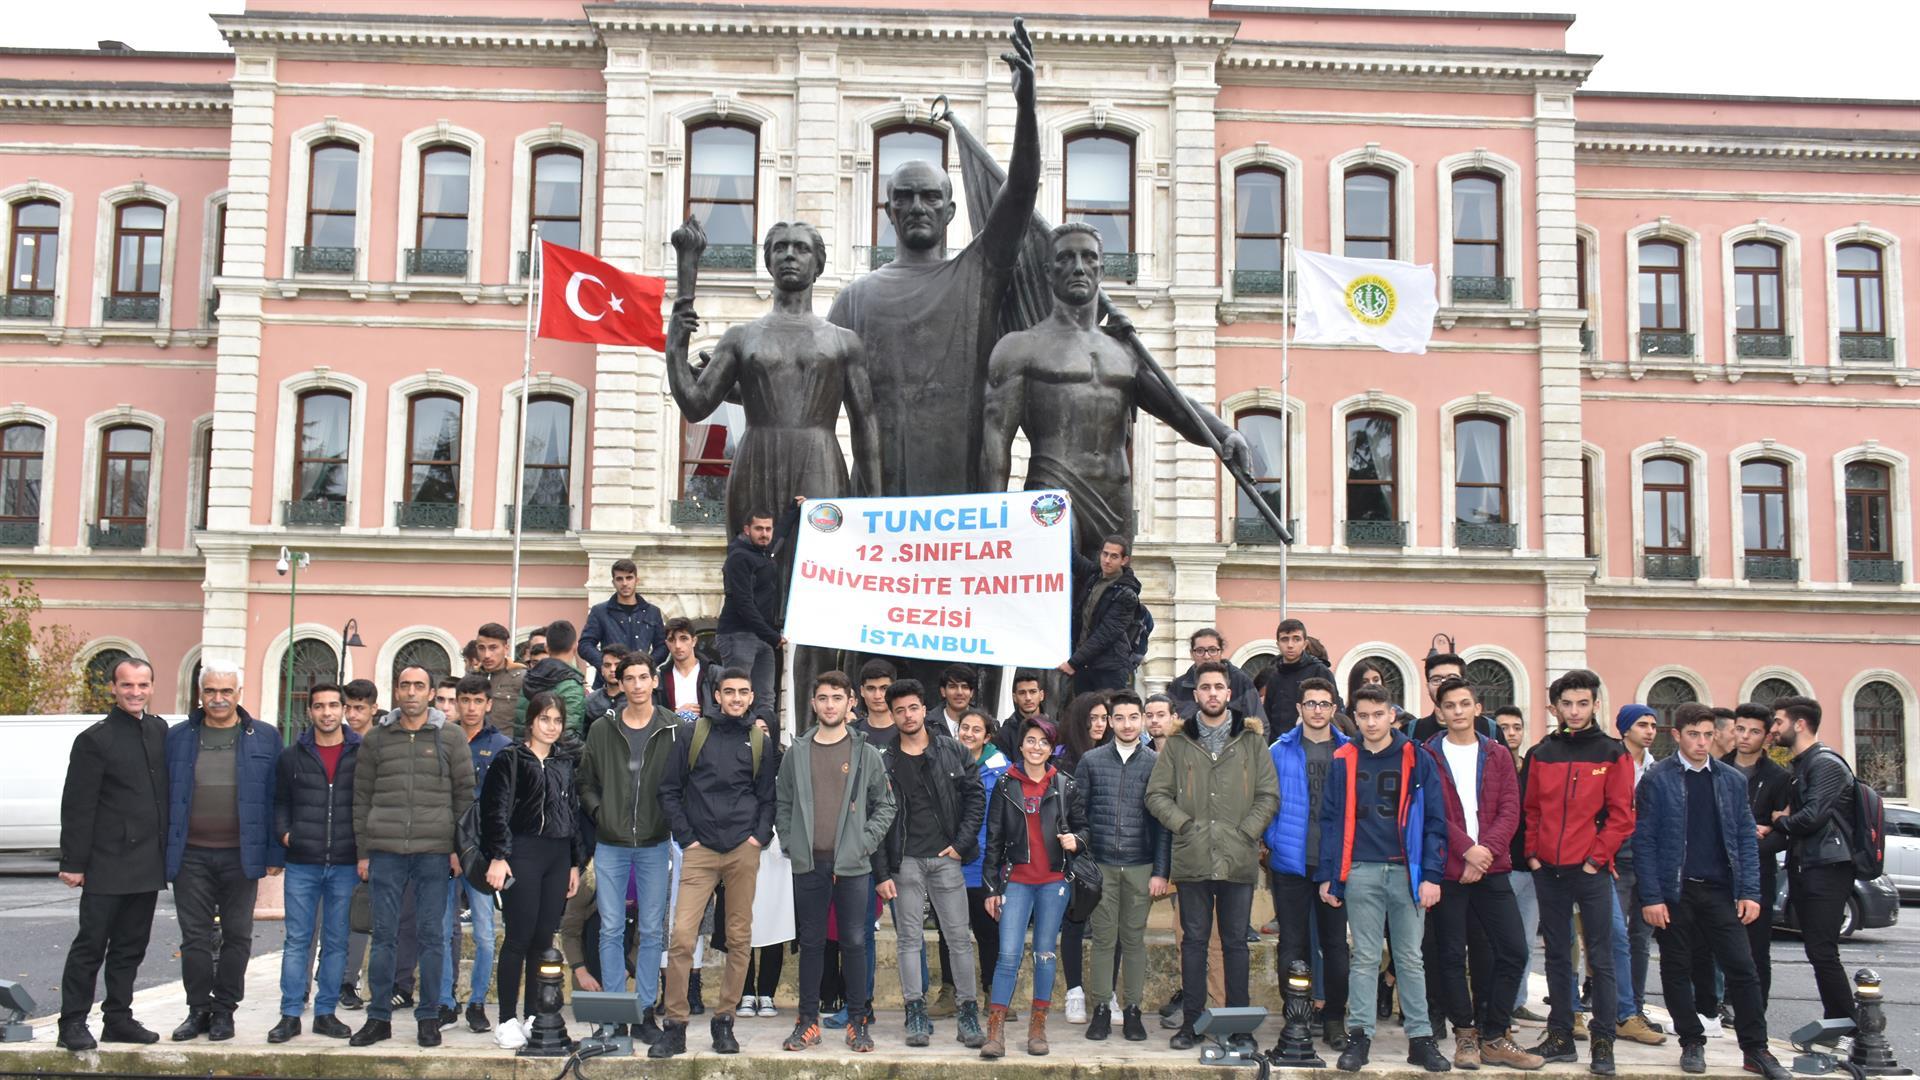 Tunceli'de-Eğitim-Gören-Öğrenciler-İstanbul-Üniversitesi'ni-Ziyaret-Etmeye-Devam-Ediyor